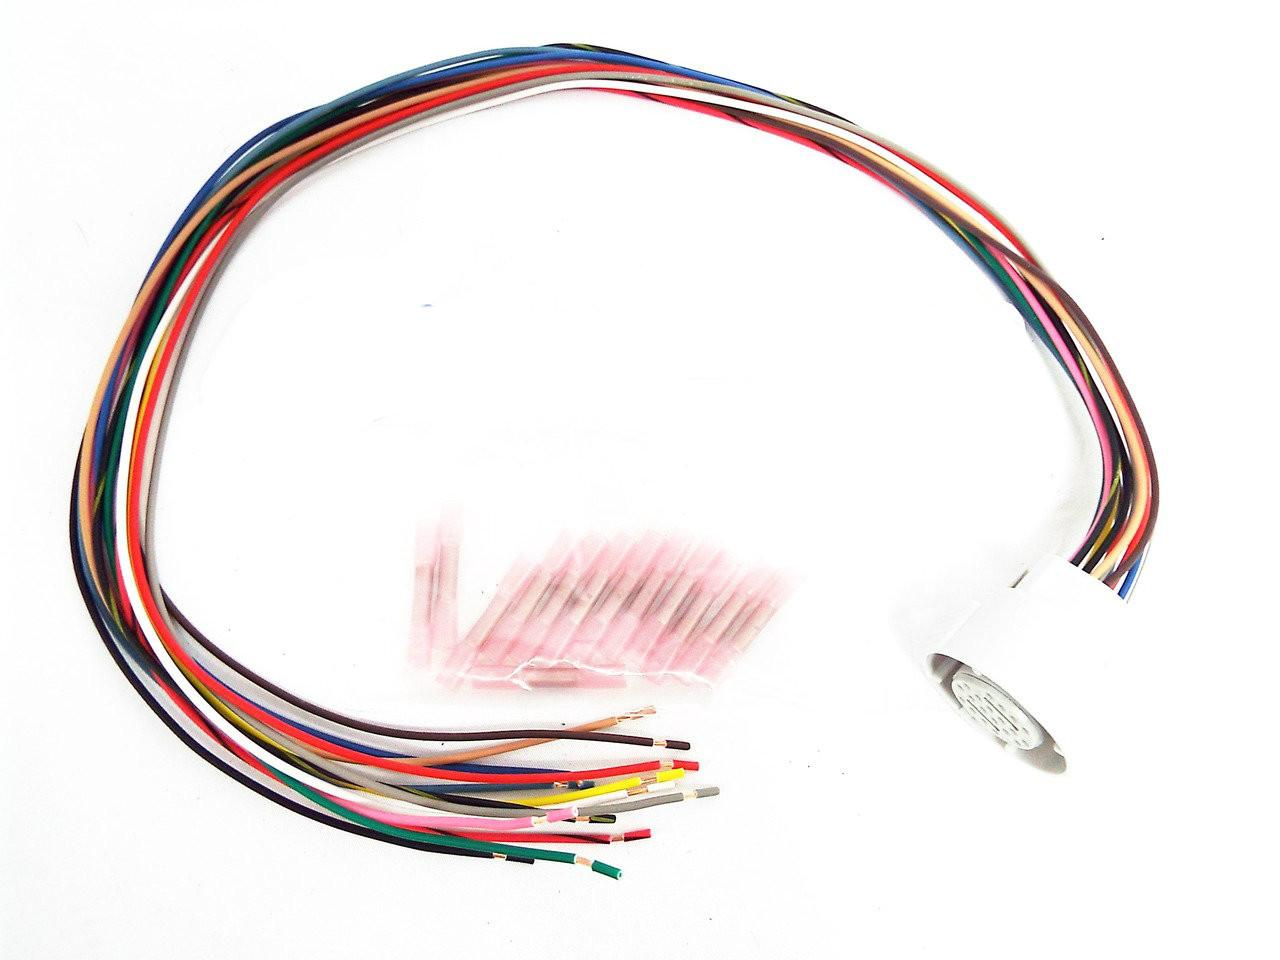 hd 4l60e transmission external wiring harness repair kit 1993 20054l60e wiring harness 6 [ 1280 x 960 Pixel ]